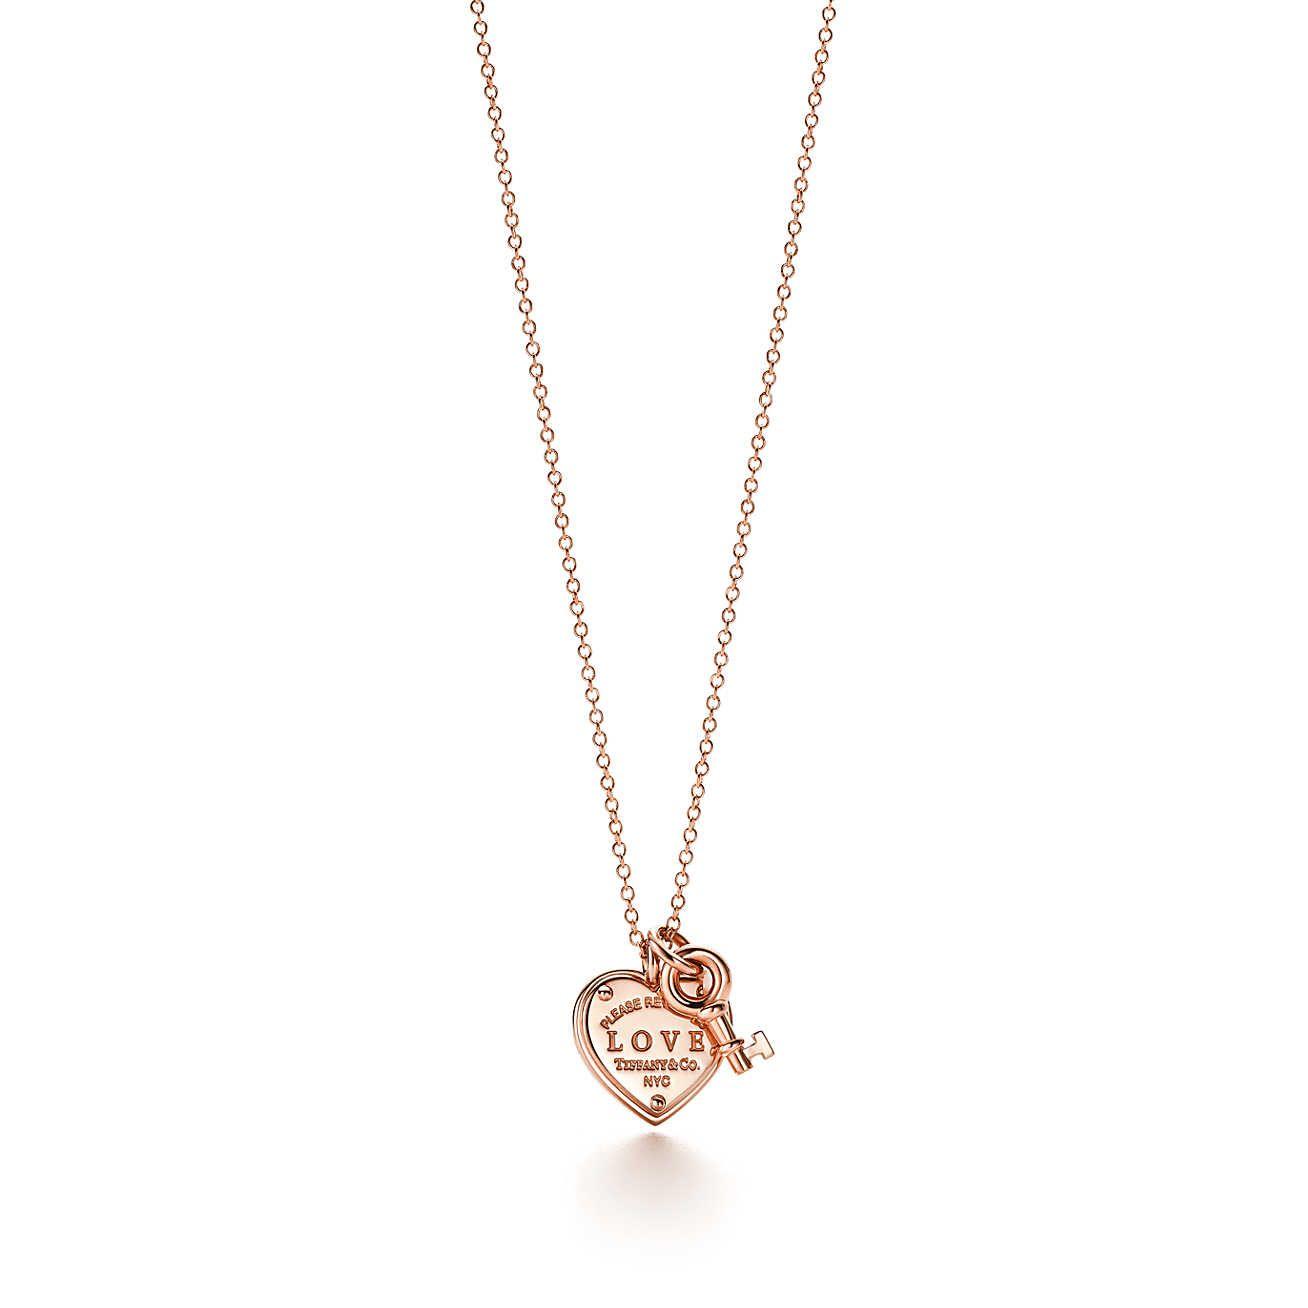 Tiffany kette herz rose gold  Modischer Schmuck 2018